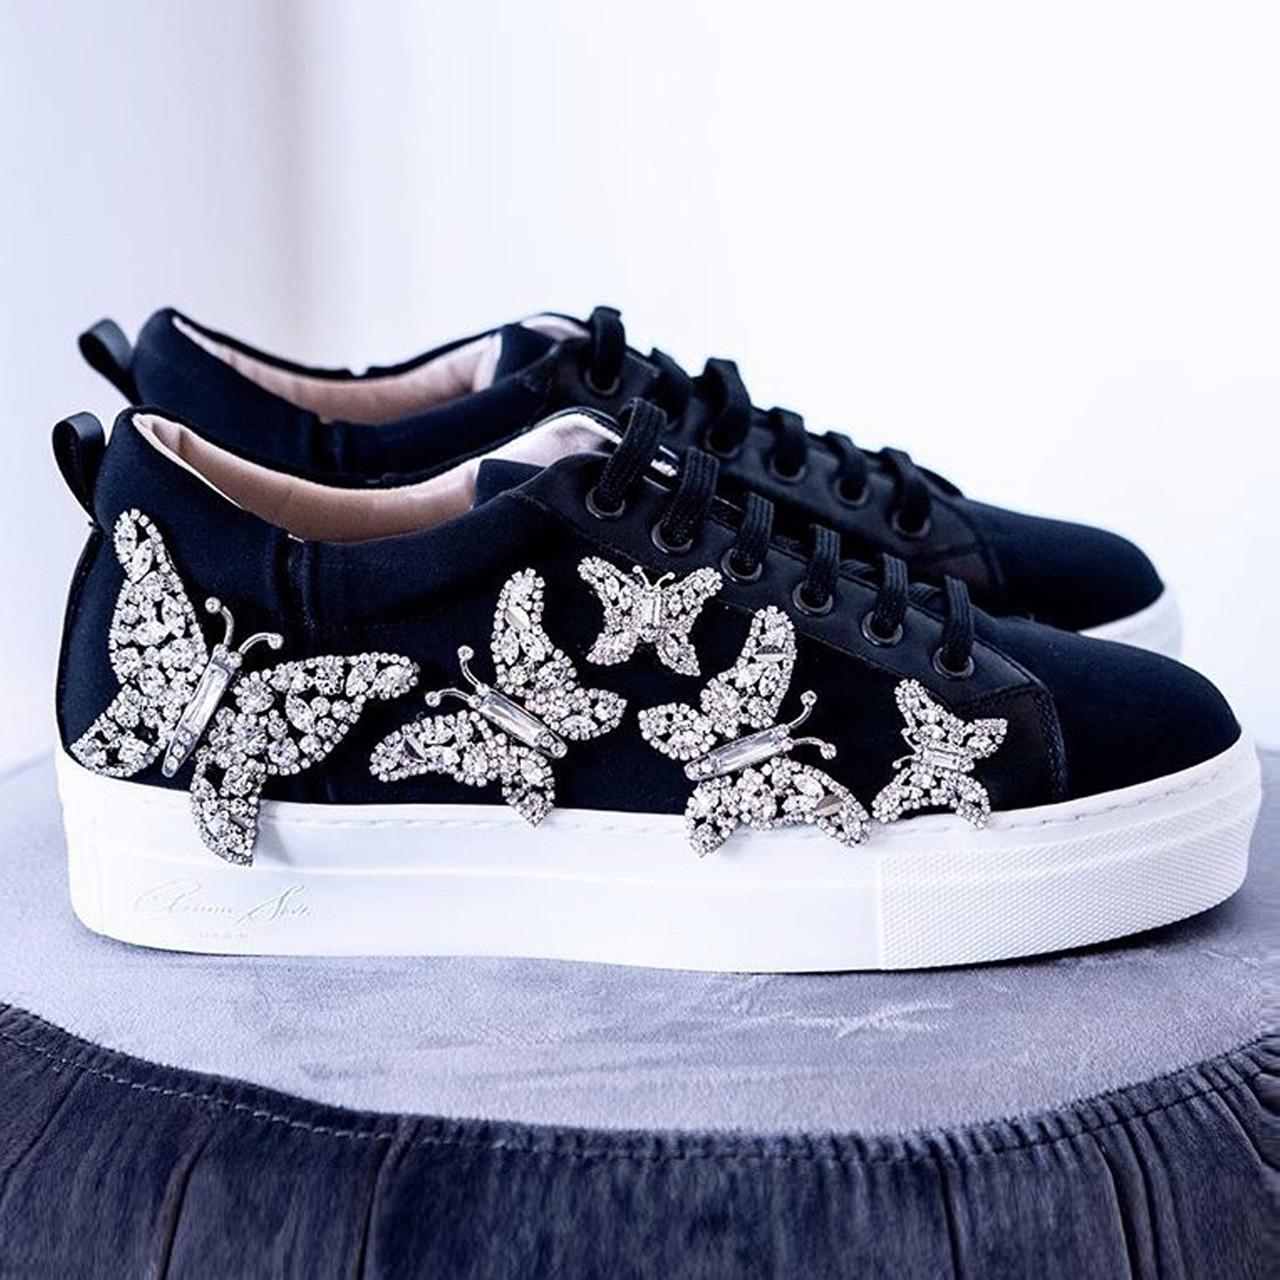 Jet Black Neoprene Sneakers